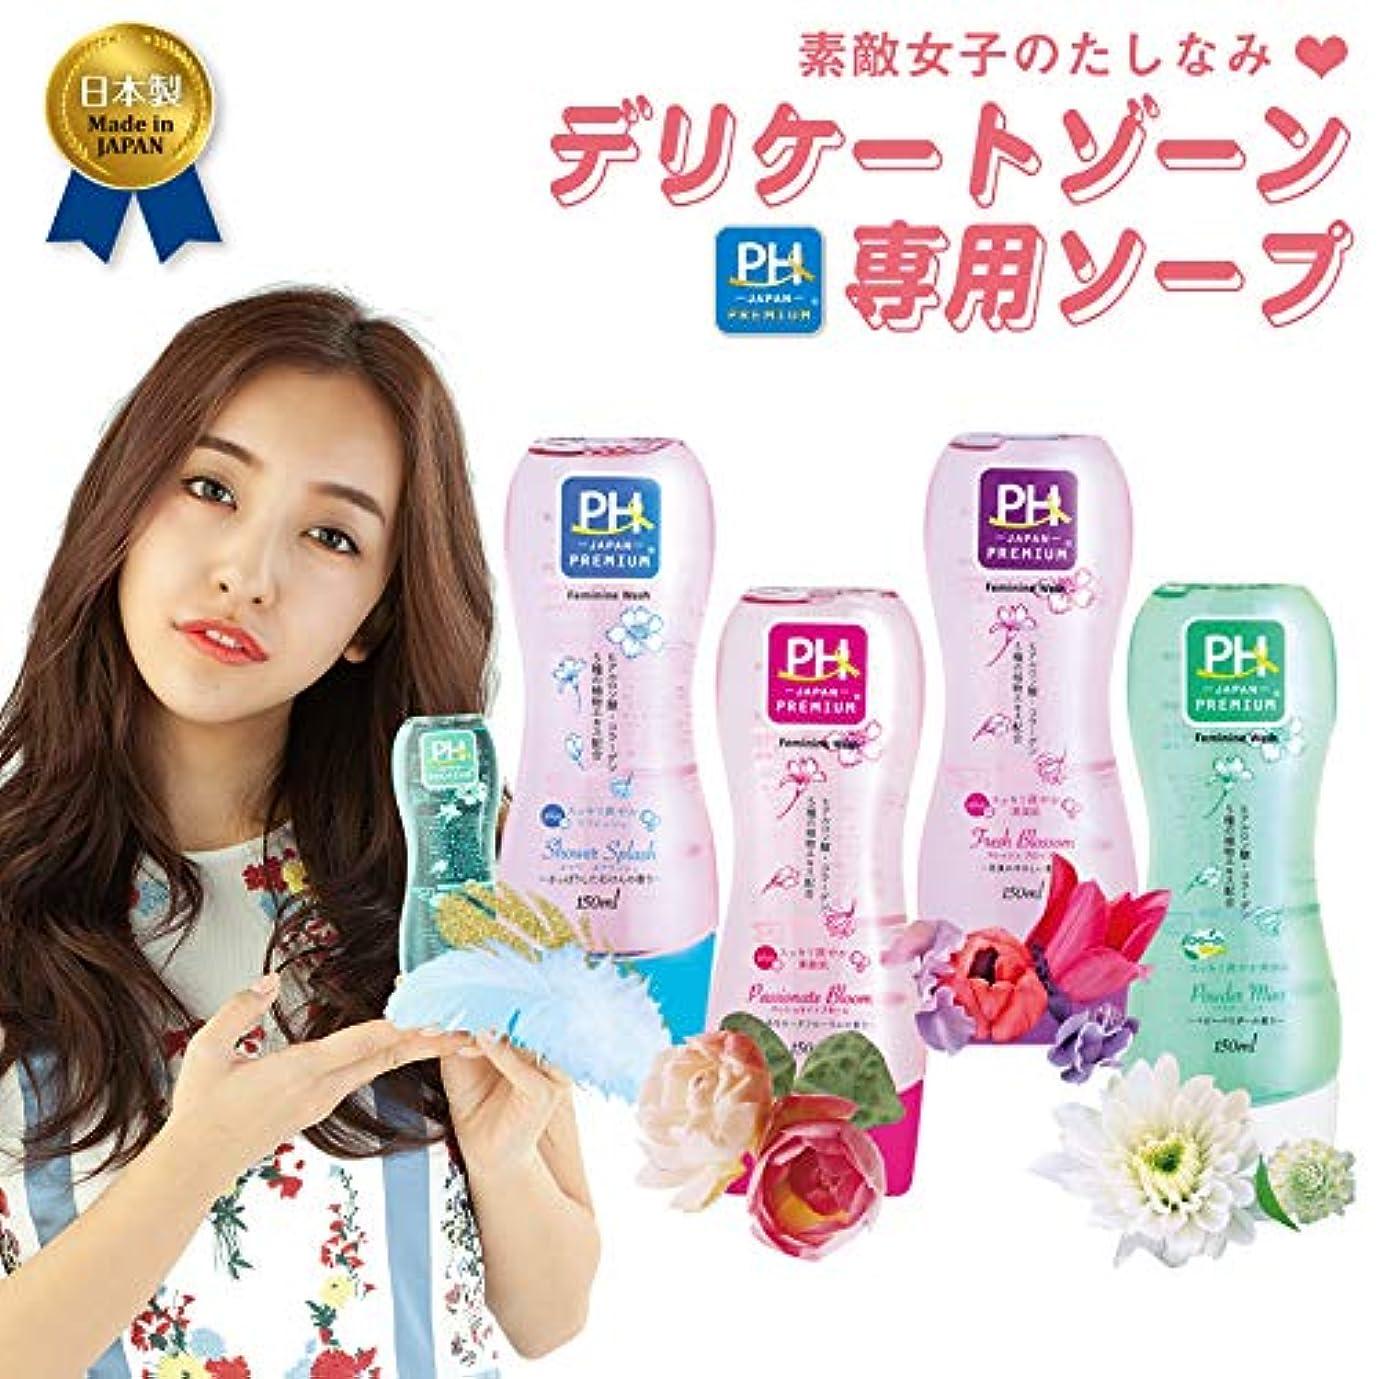 部屋を掃除するエゴイズム平野フレッシュブロッソム2本セット PH JAPAN フェミニンウォッシュ 花束のやさしい香り